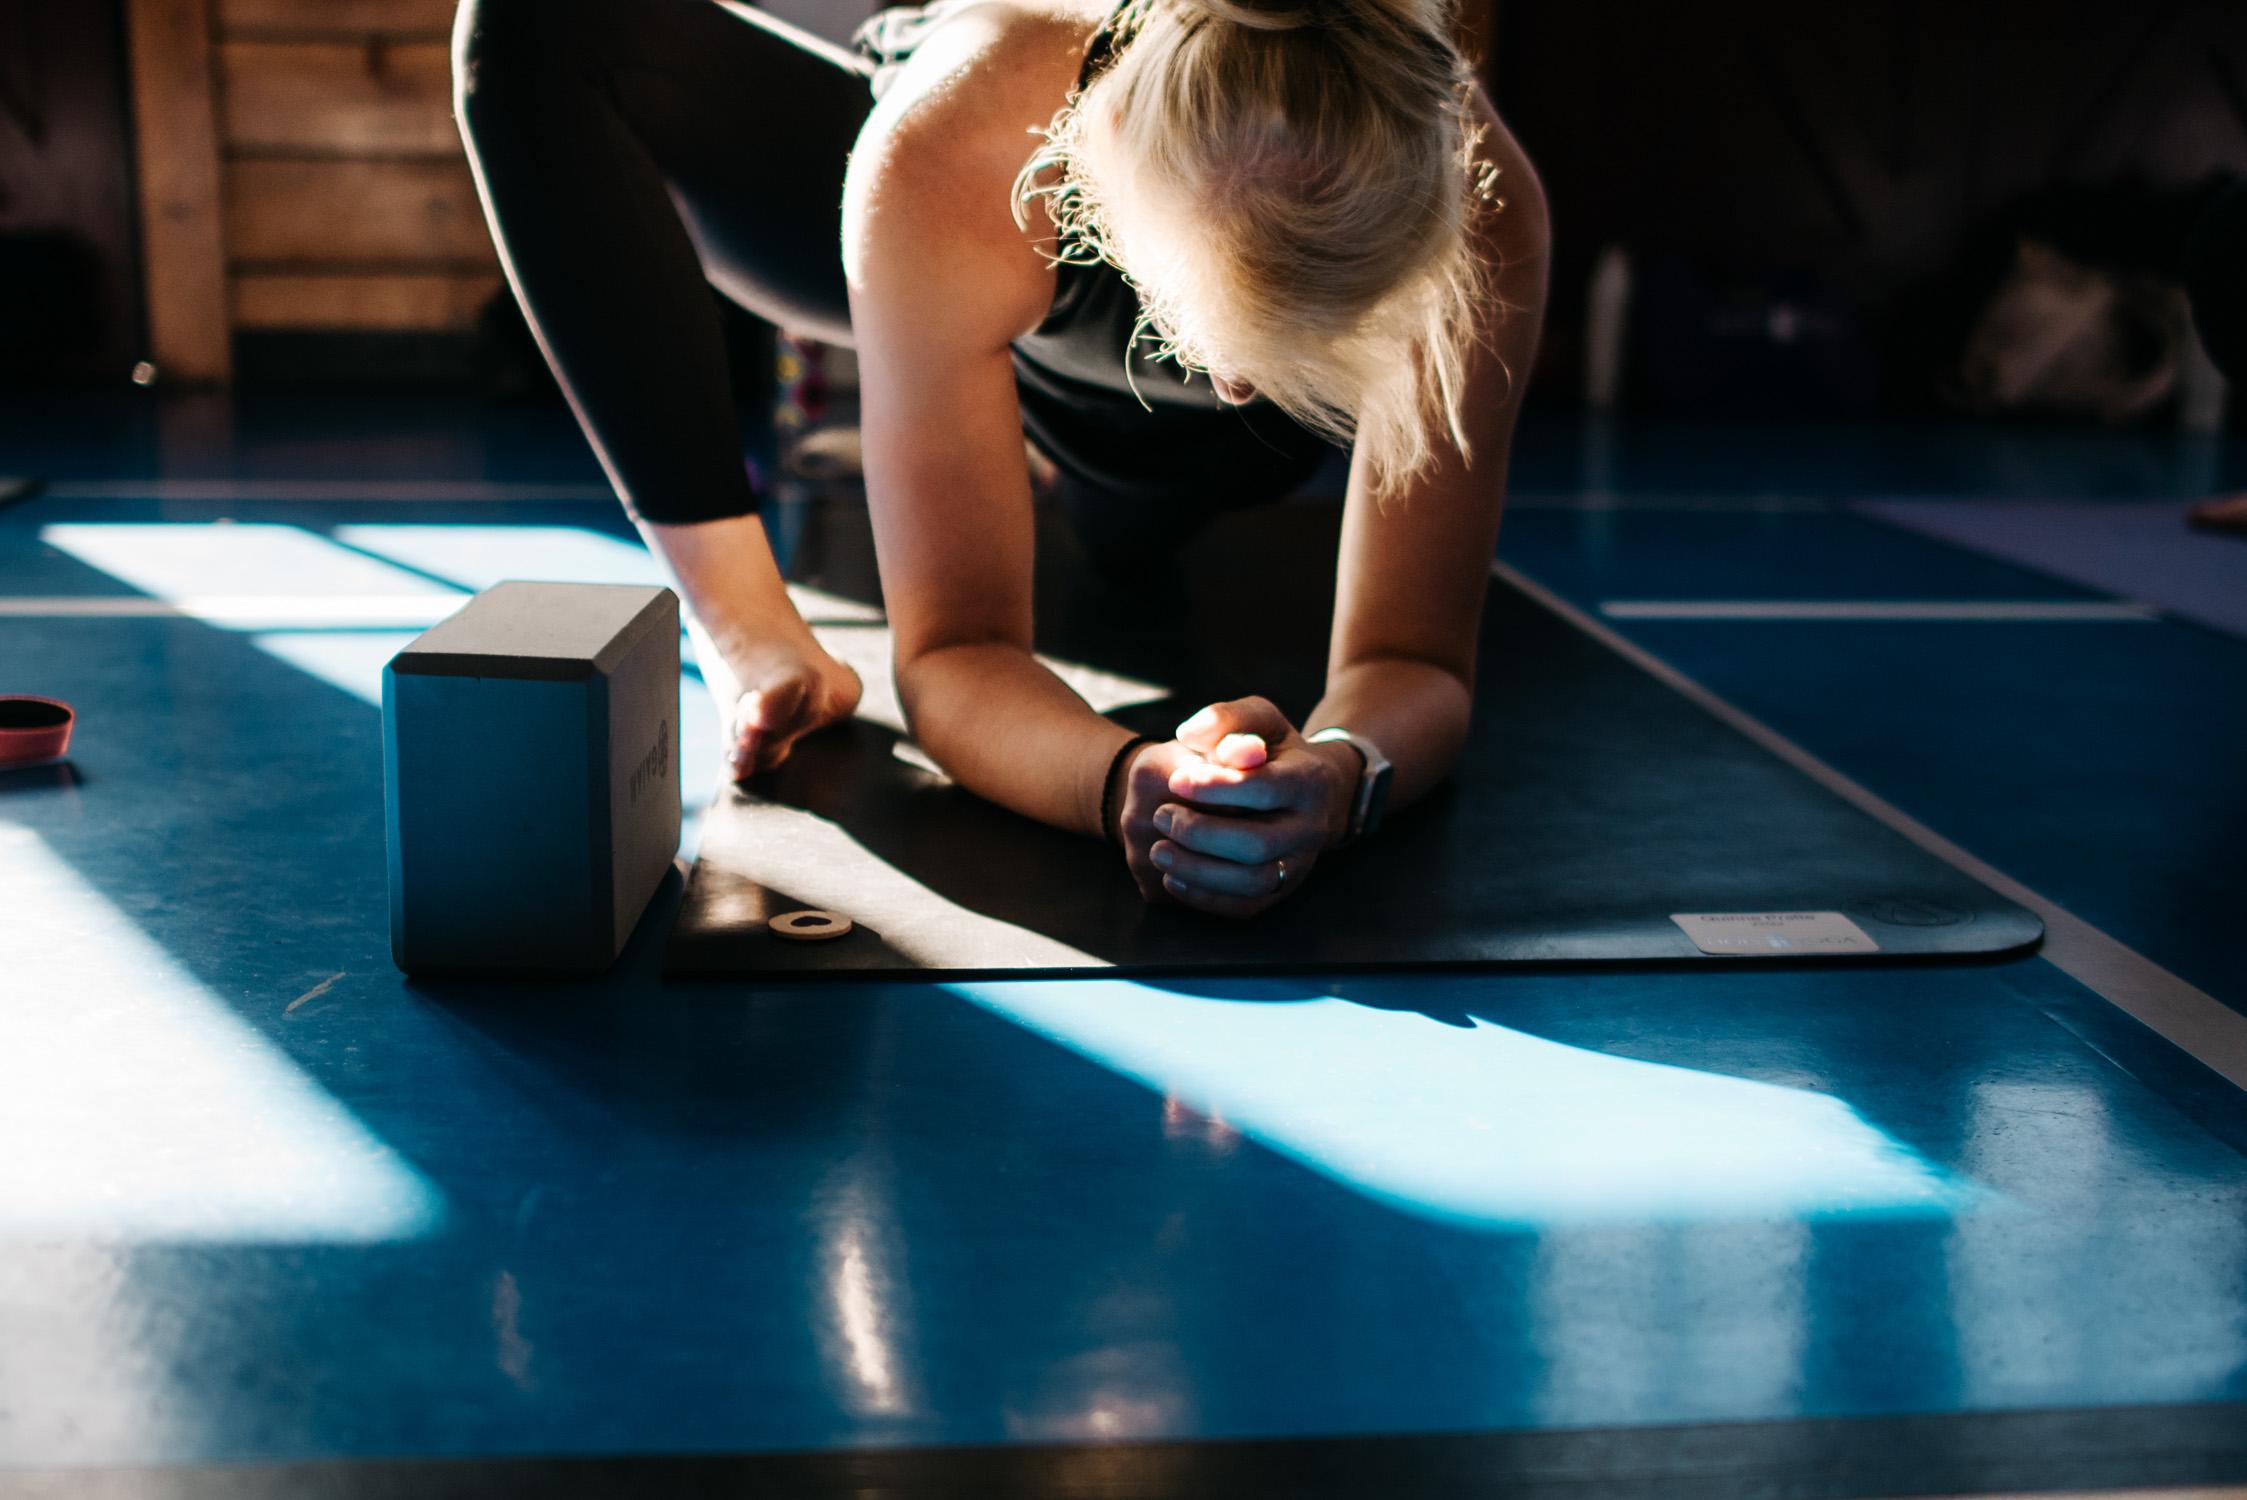 Denver Colorado Dance Photographer | Yoga Photographer | {Dance Photography Denver, Colorado Yoga Photography}